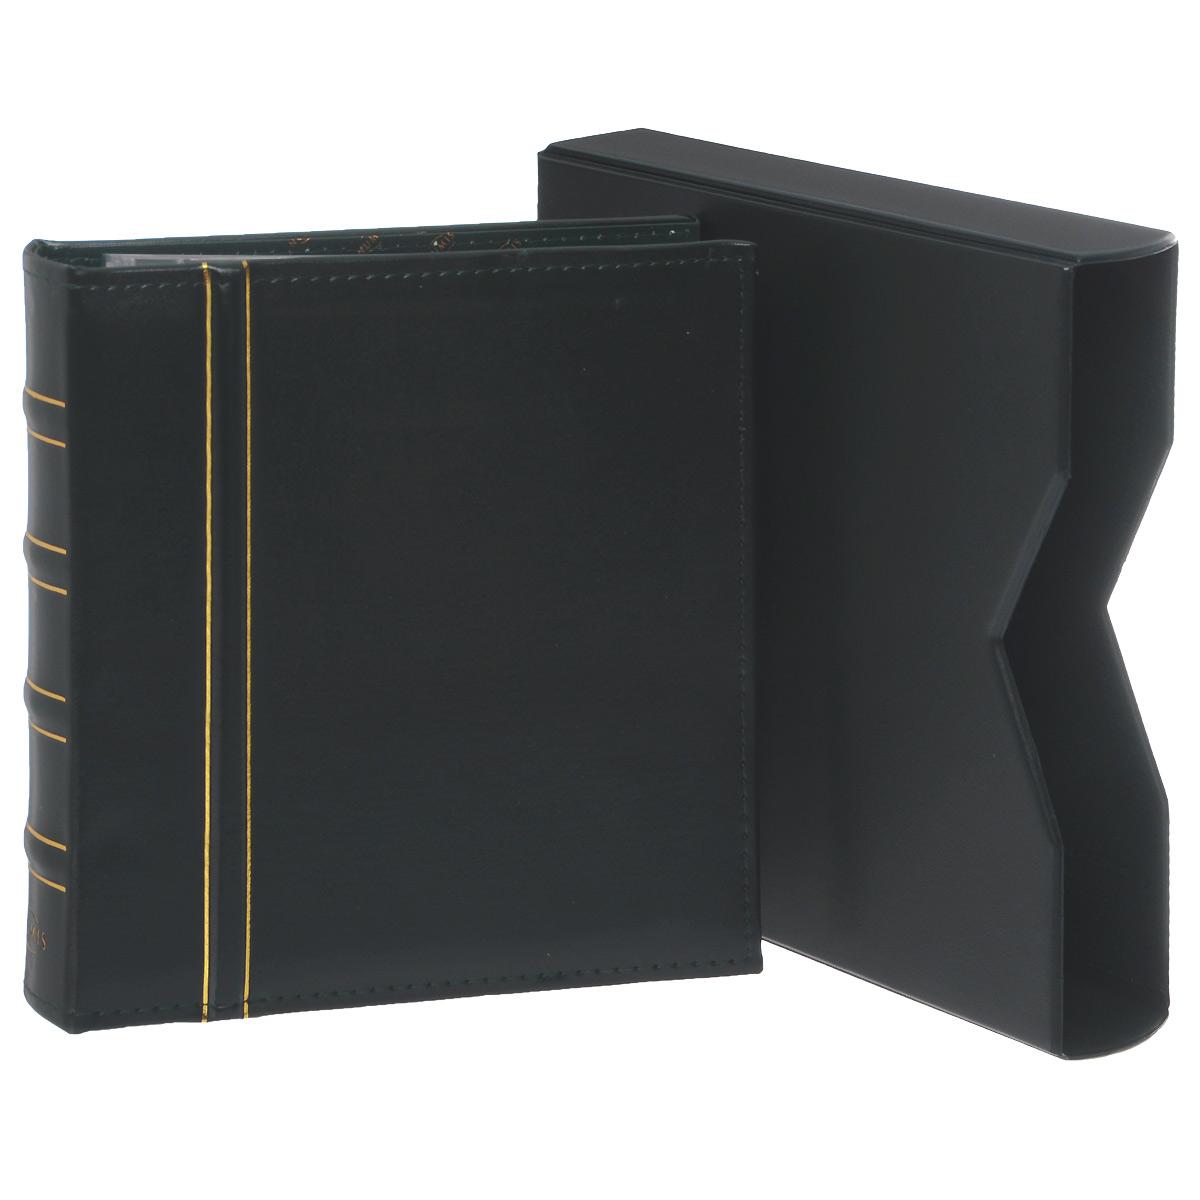 Альбом для банкнот Numis, в шубере, с 20 листами. Цвет зеленый. CLNUMALBBN656Характеристики: Размер альбома: 23,5 см х 22,5 см х 5 см.